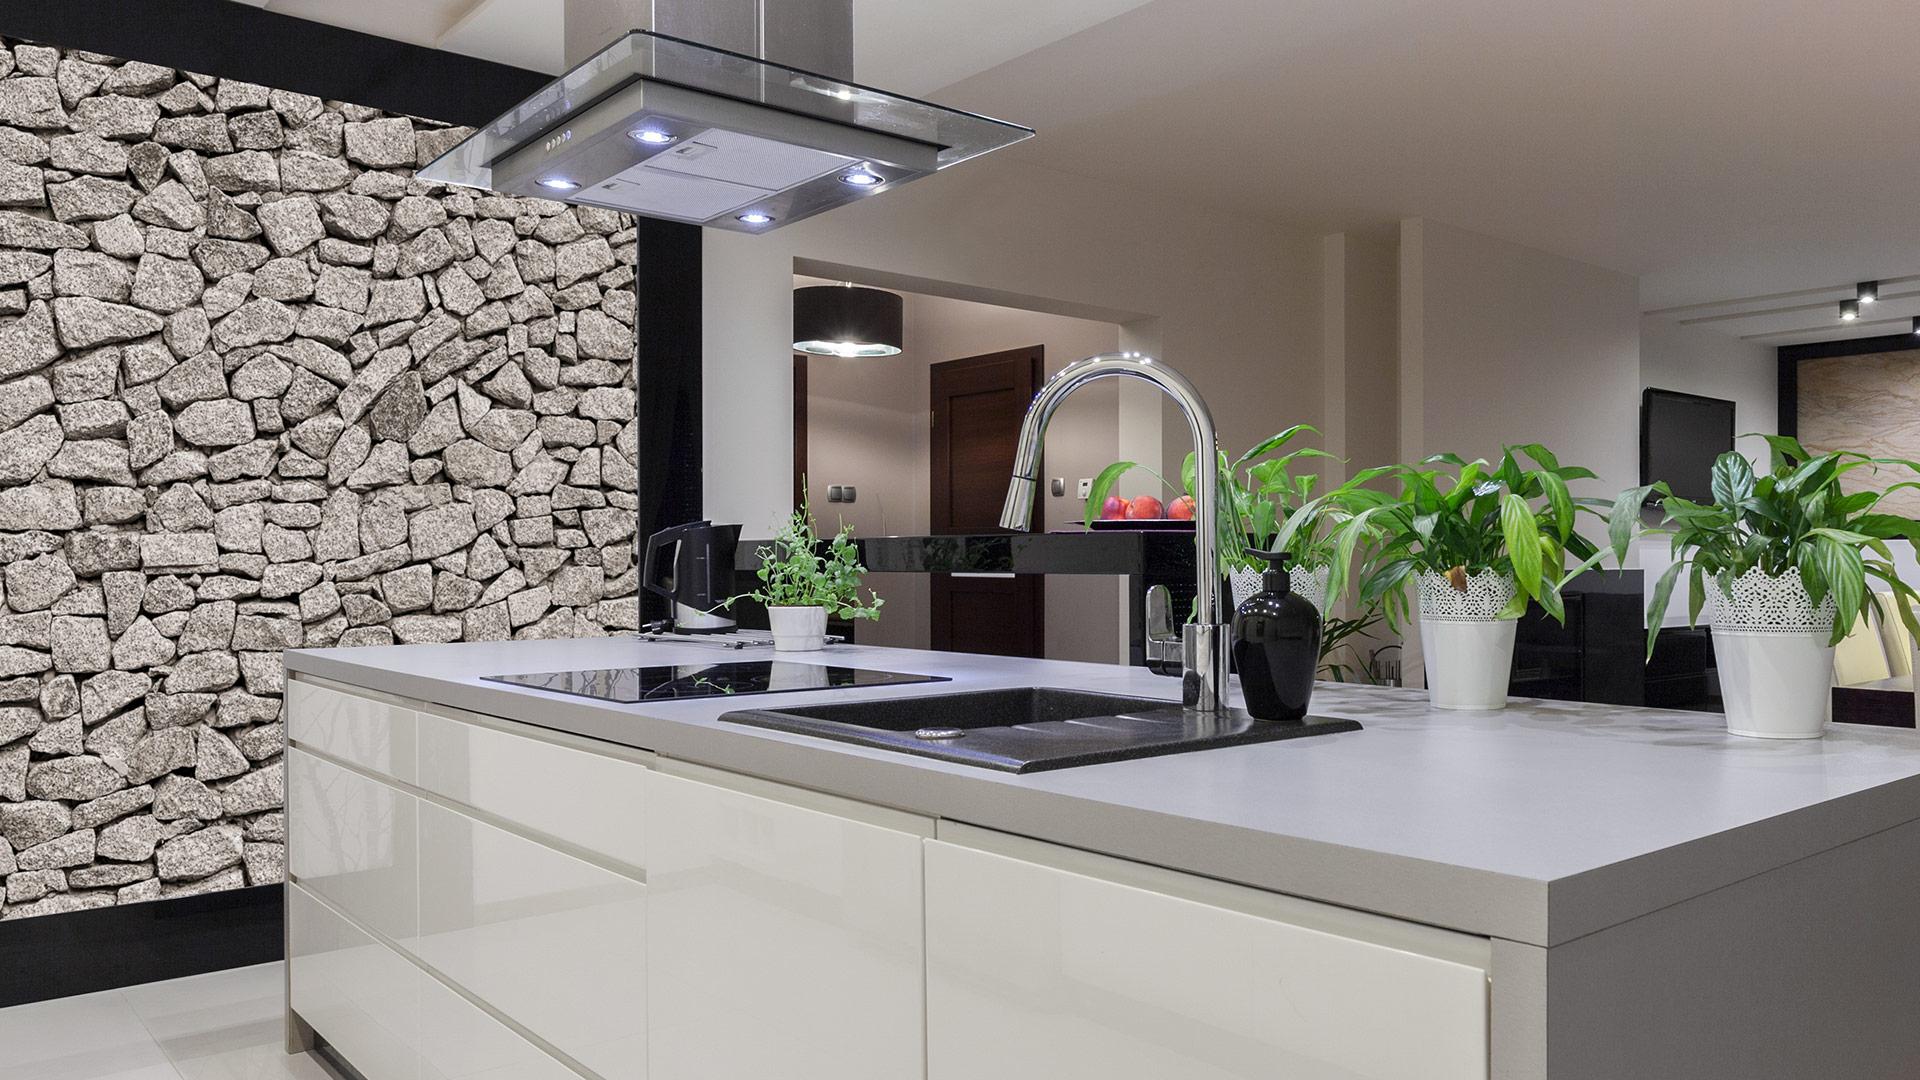 Kitchen Islands Luxury Bespoke Kitchens Designers Broadway Kitchens Birmingham